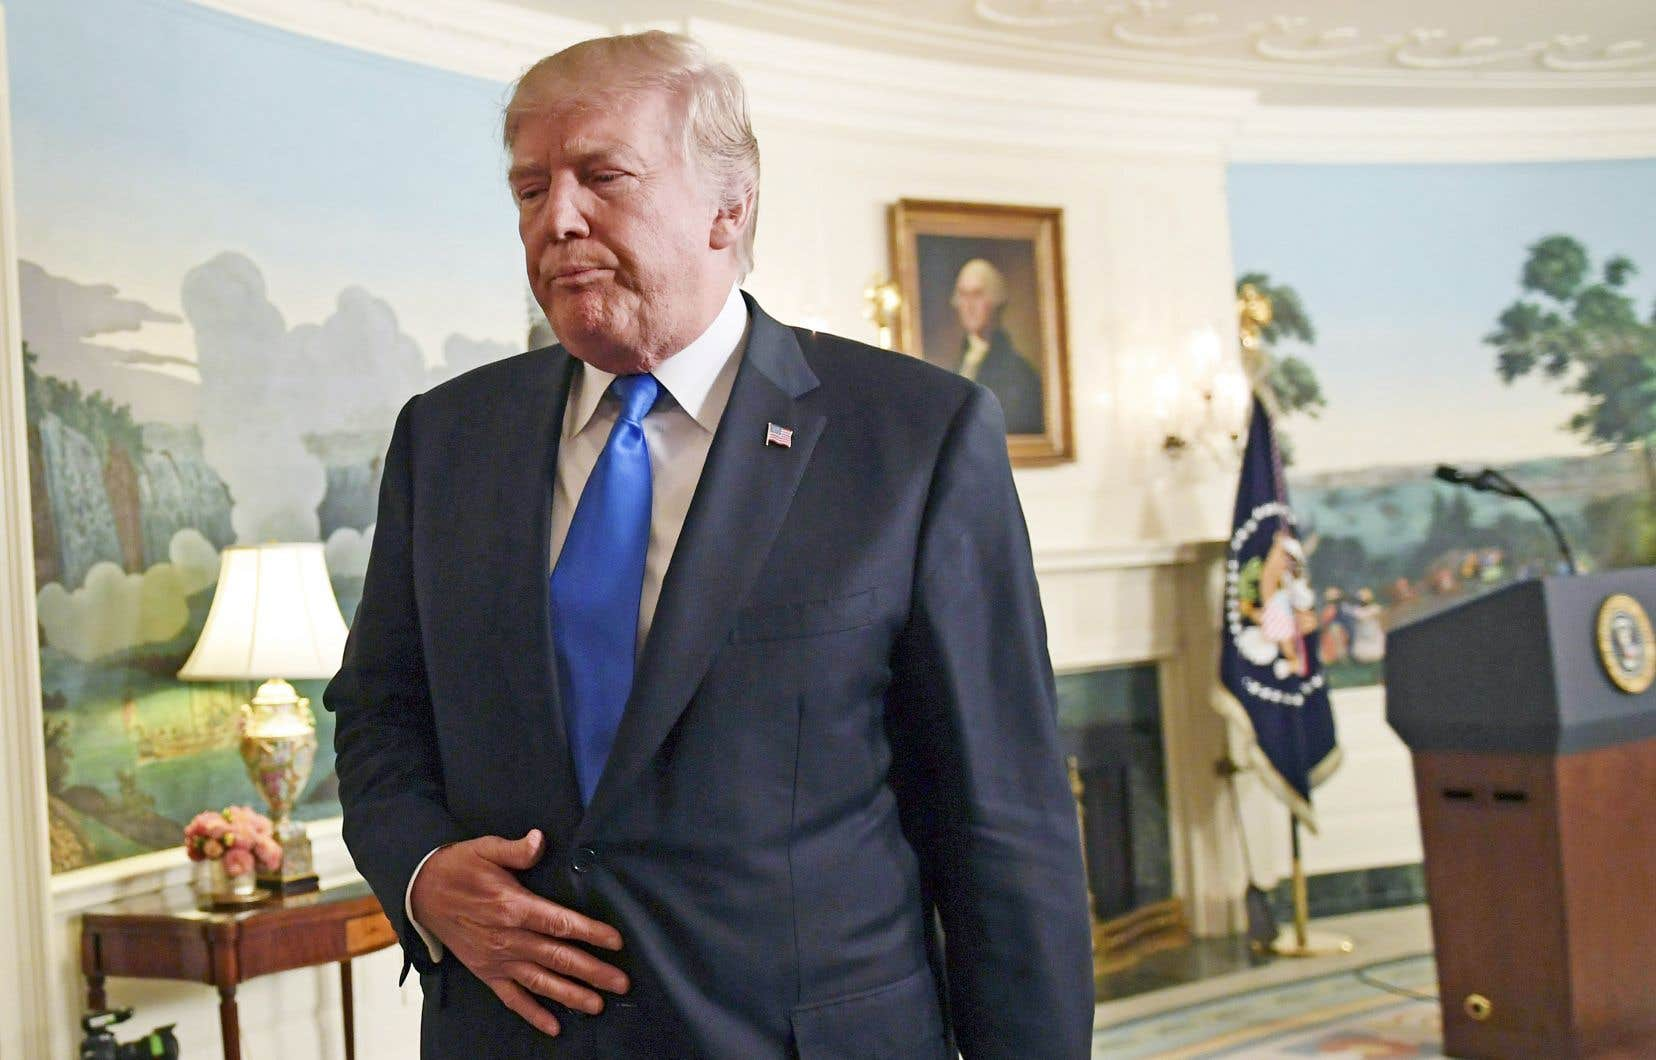 «Le langage que j'ai utilisé lors de la réunion était dur, mais ce ne sont pas les mots utilisés», a prétendu le président américain.